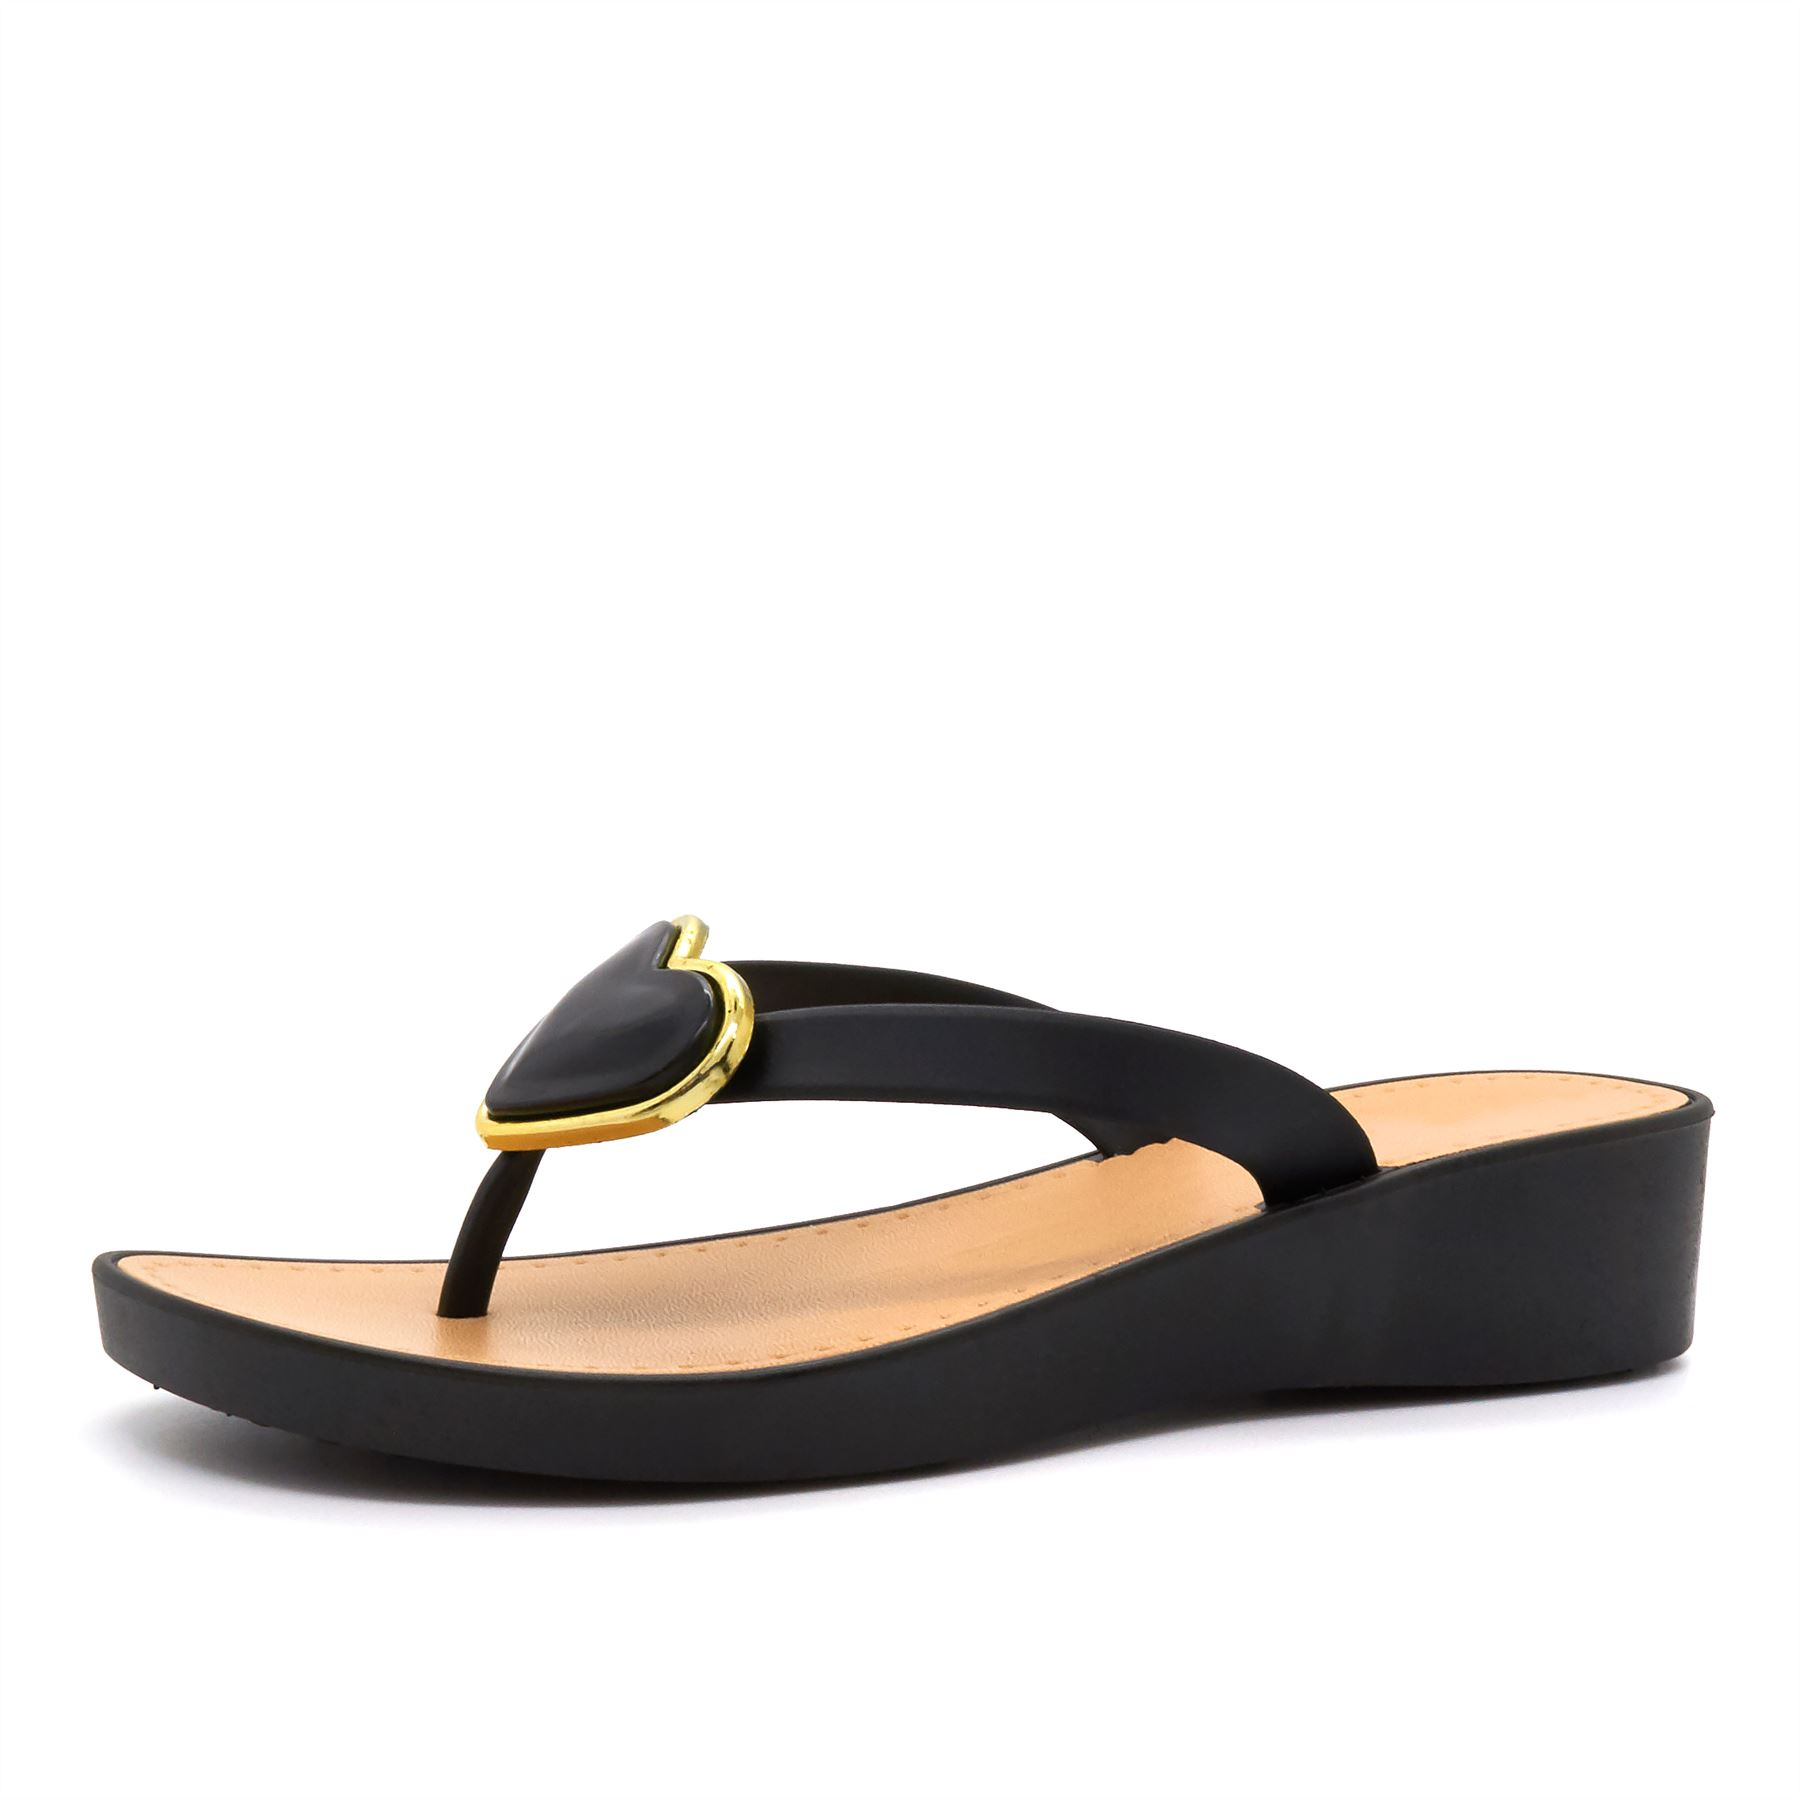 Nuevas chanclas flip flop para mujer con taco bajo Toe Post Sandalias de playa de verano señoras UK 3-8